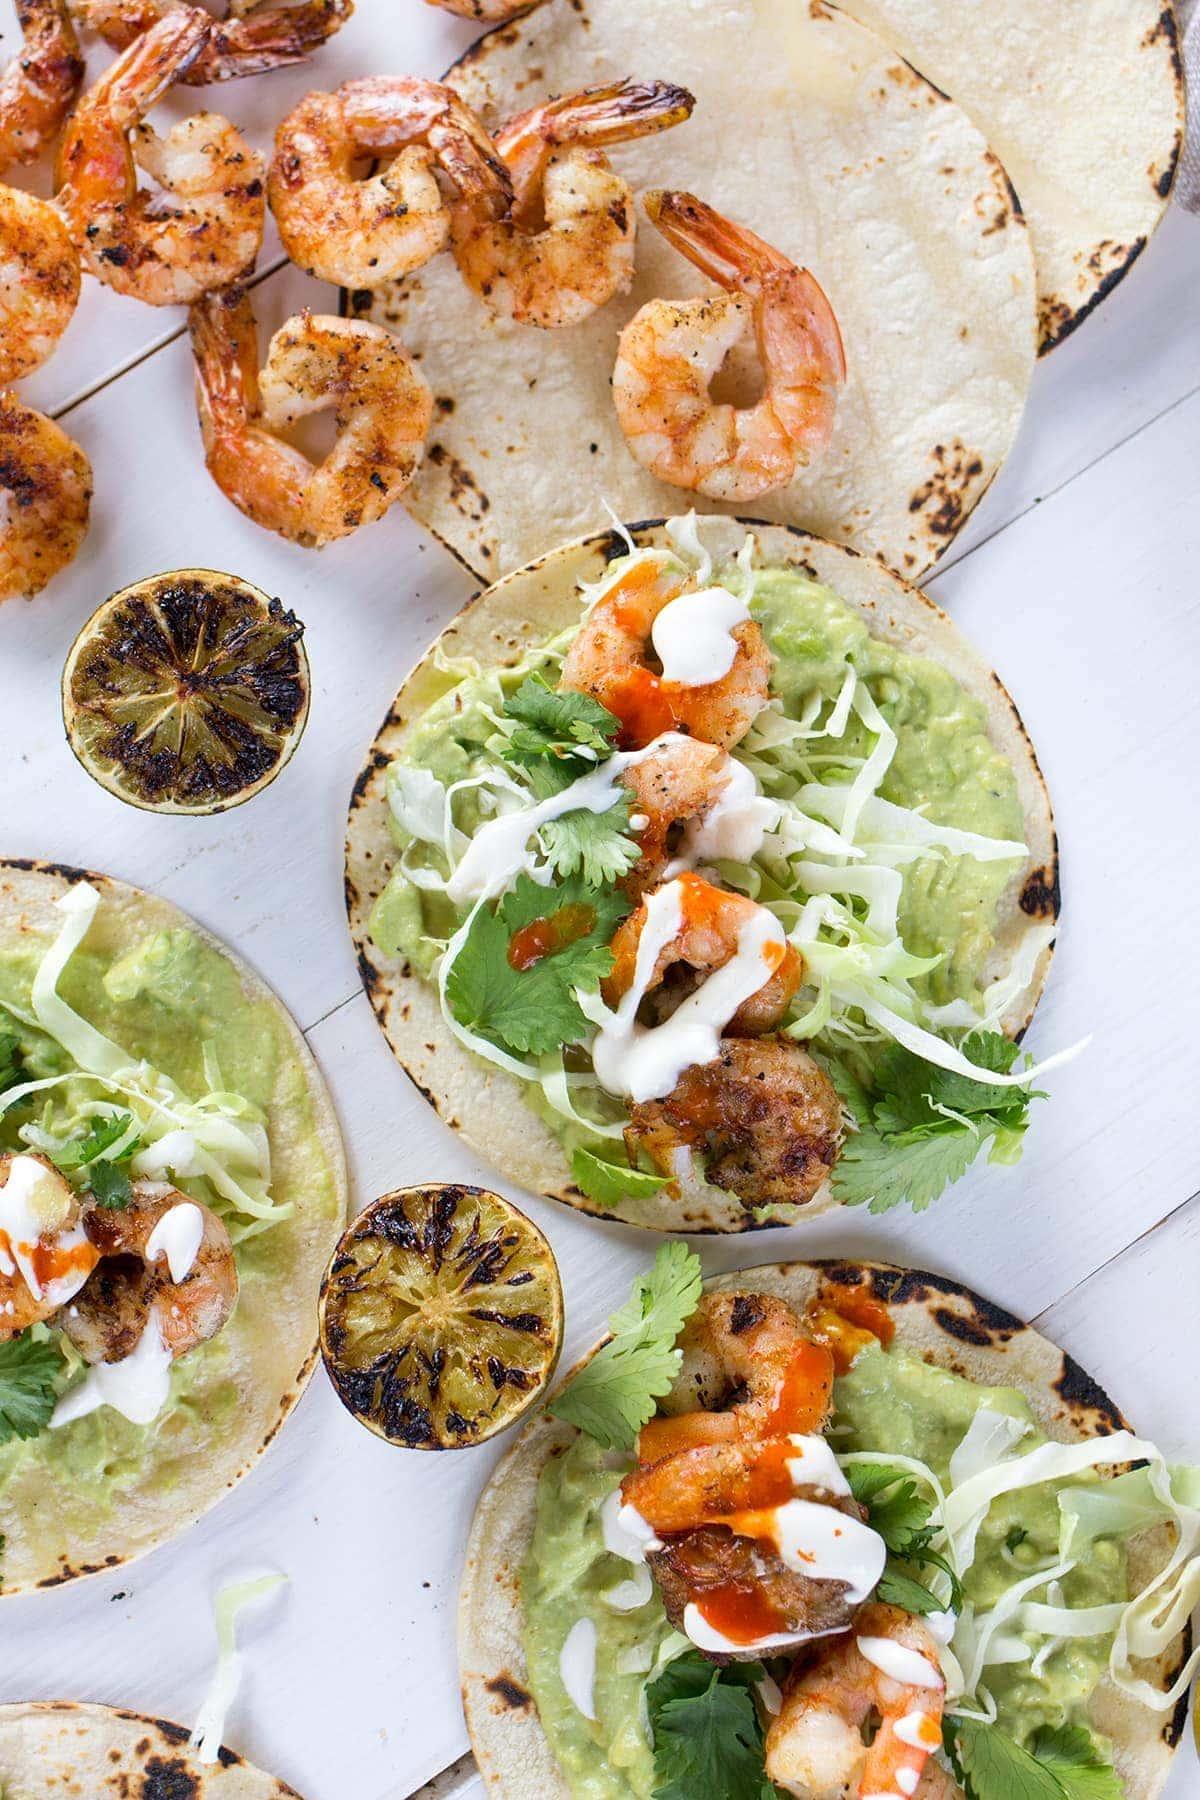 Grilled Shrimp Tacos with Avocado Crema